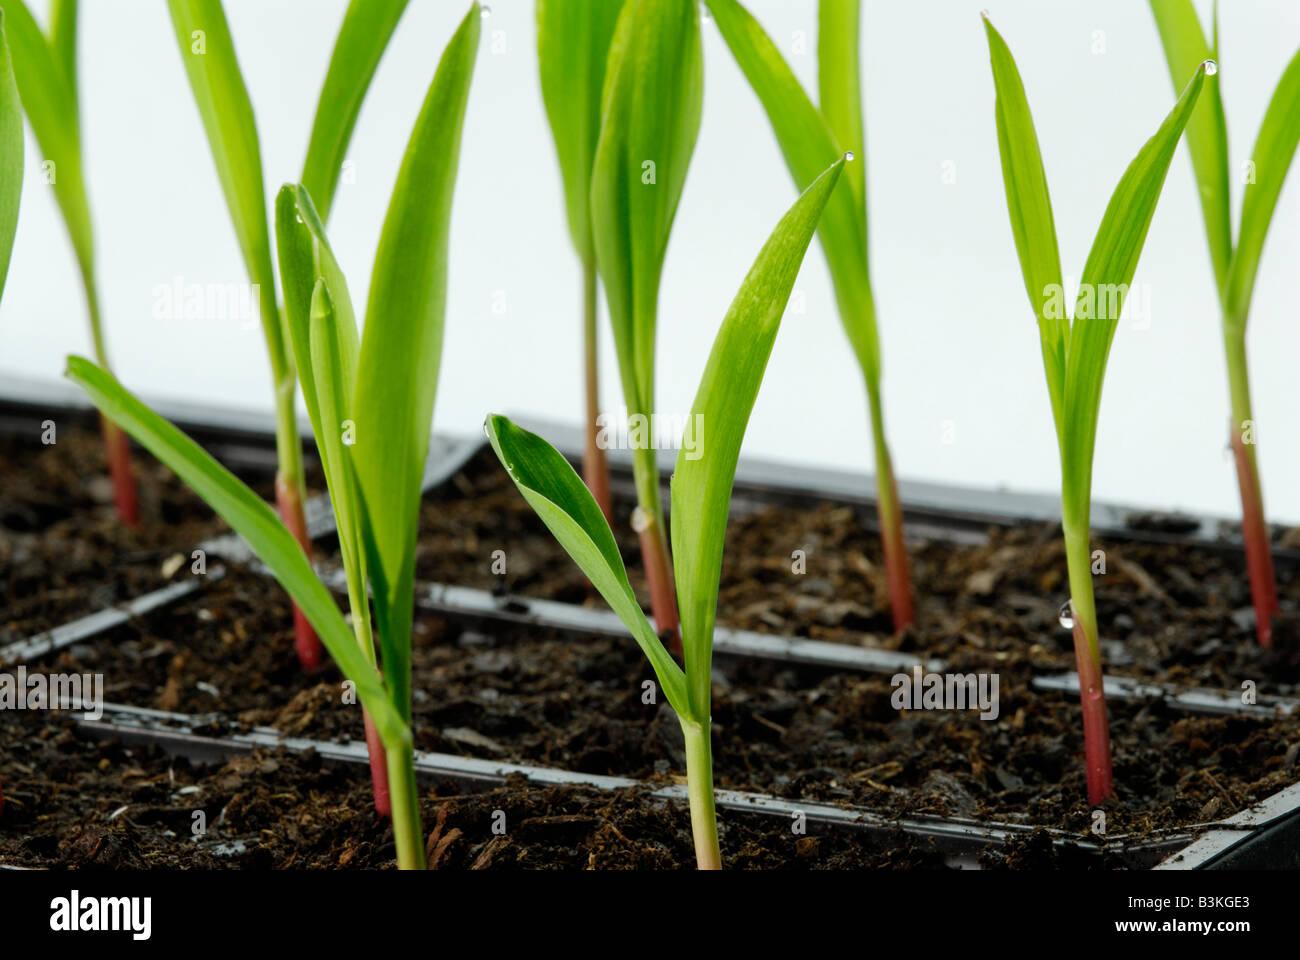 Maíz Zea mays plántulas en pisos de las plantas son de 1 2 semanas Imagen De Stock